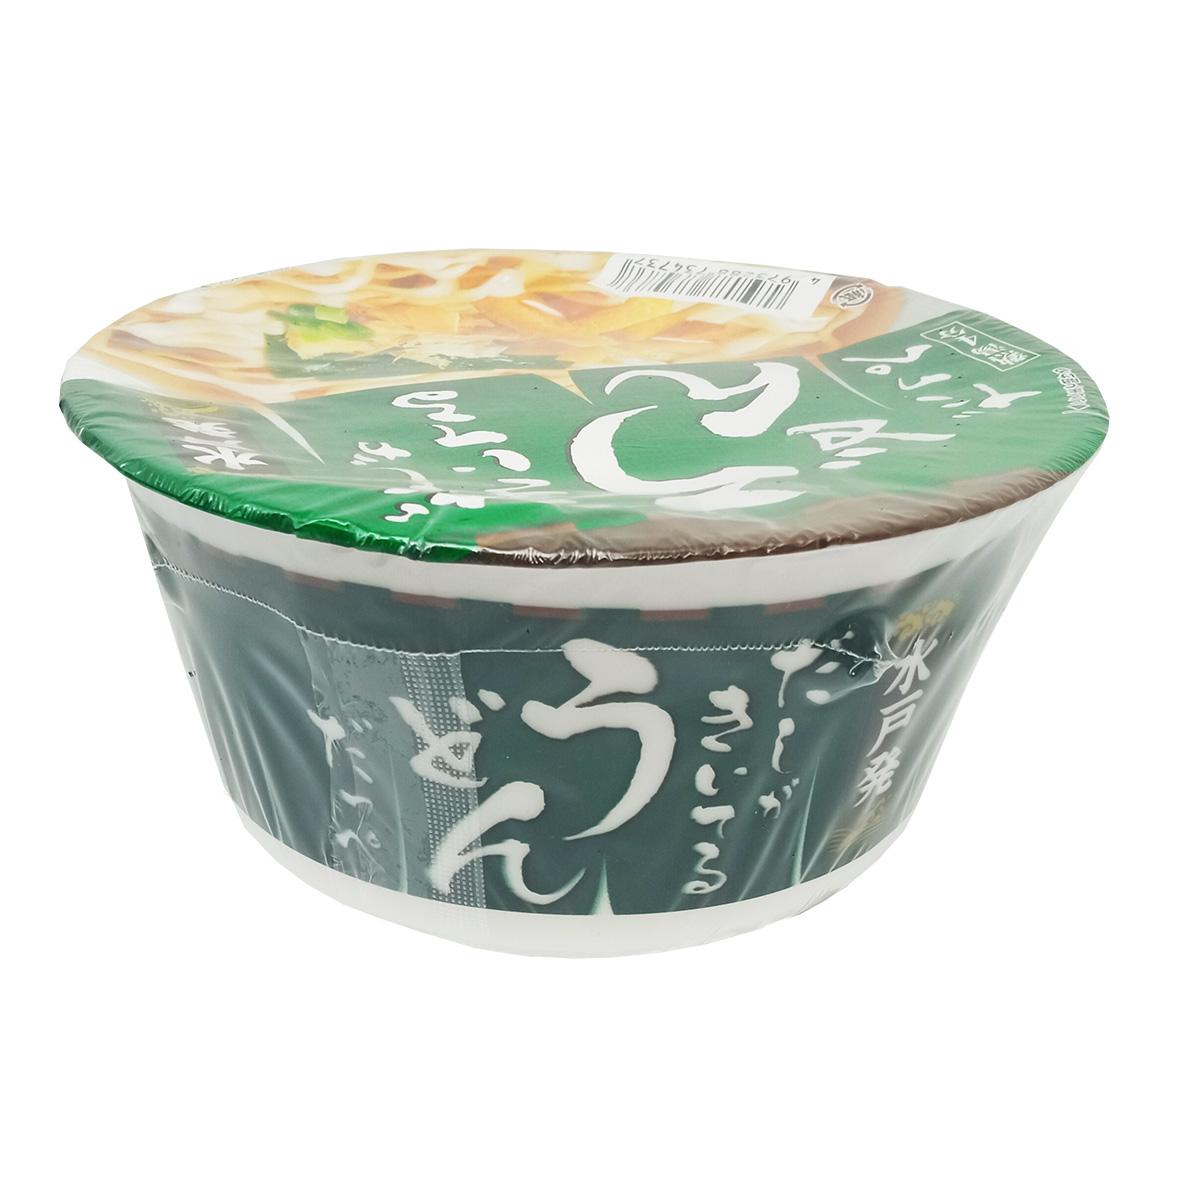 Macarrão Dashi Udon Cup Noodles 80g - Sunaoshi